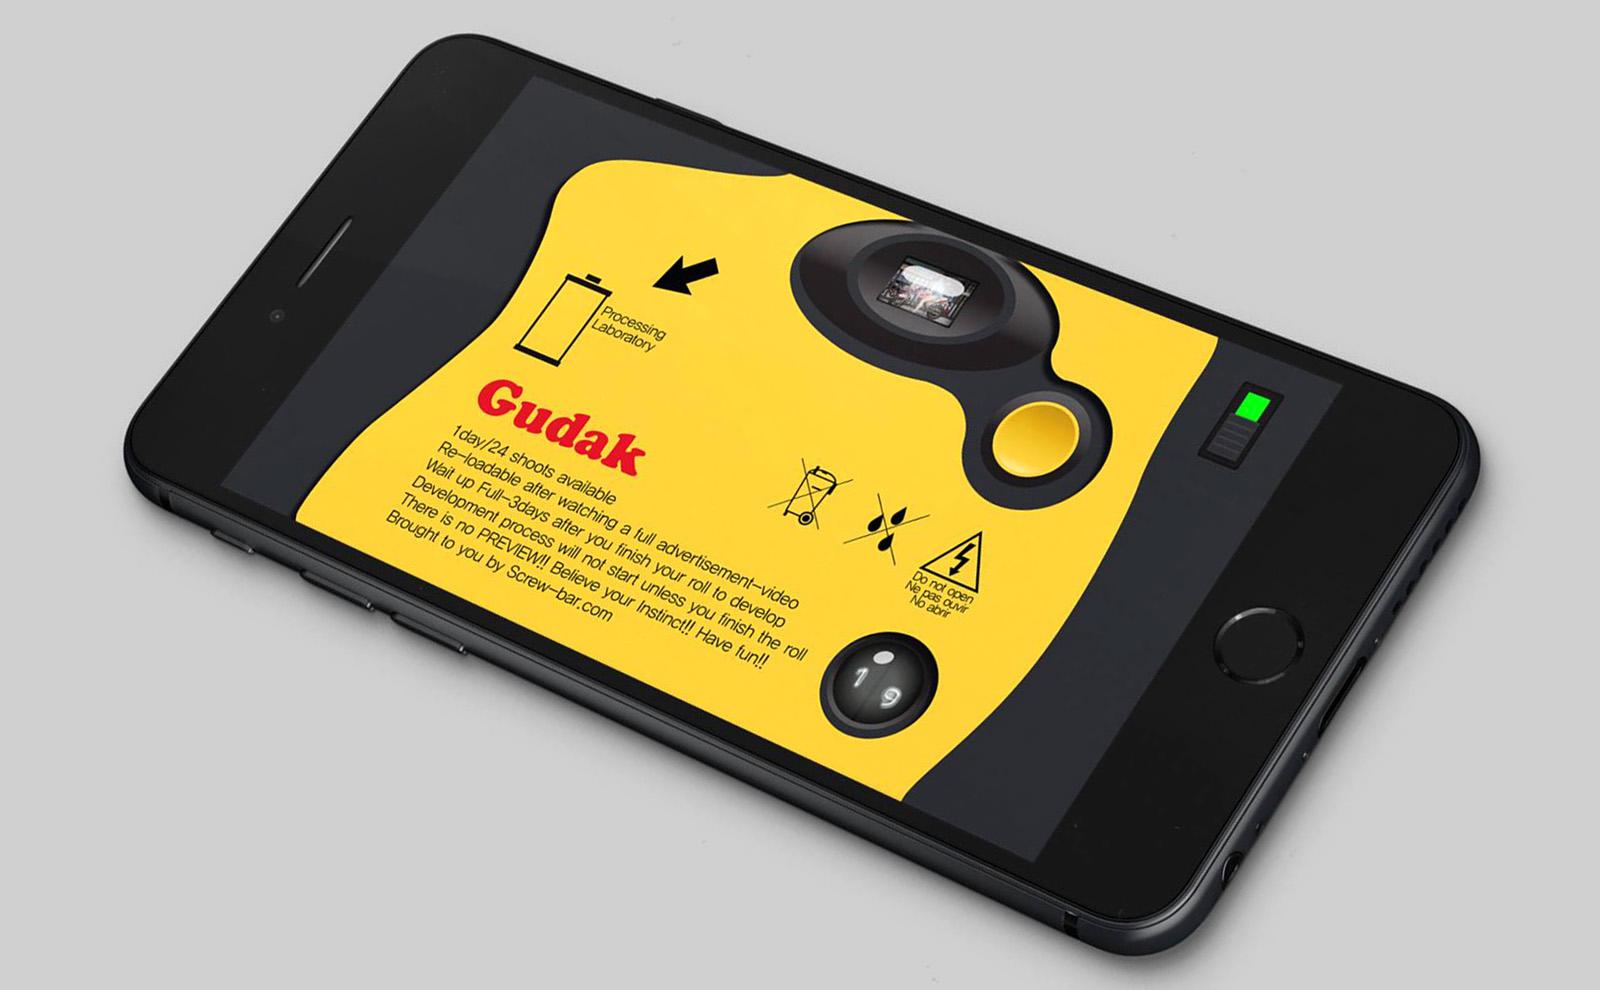 Gudak Cam on rakendus neile, kes soovivad analoogkaamerate nostalgiaperioodi uuesti läbi elada